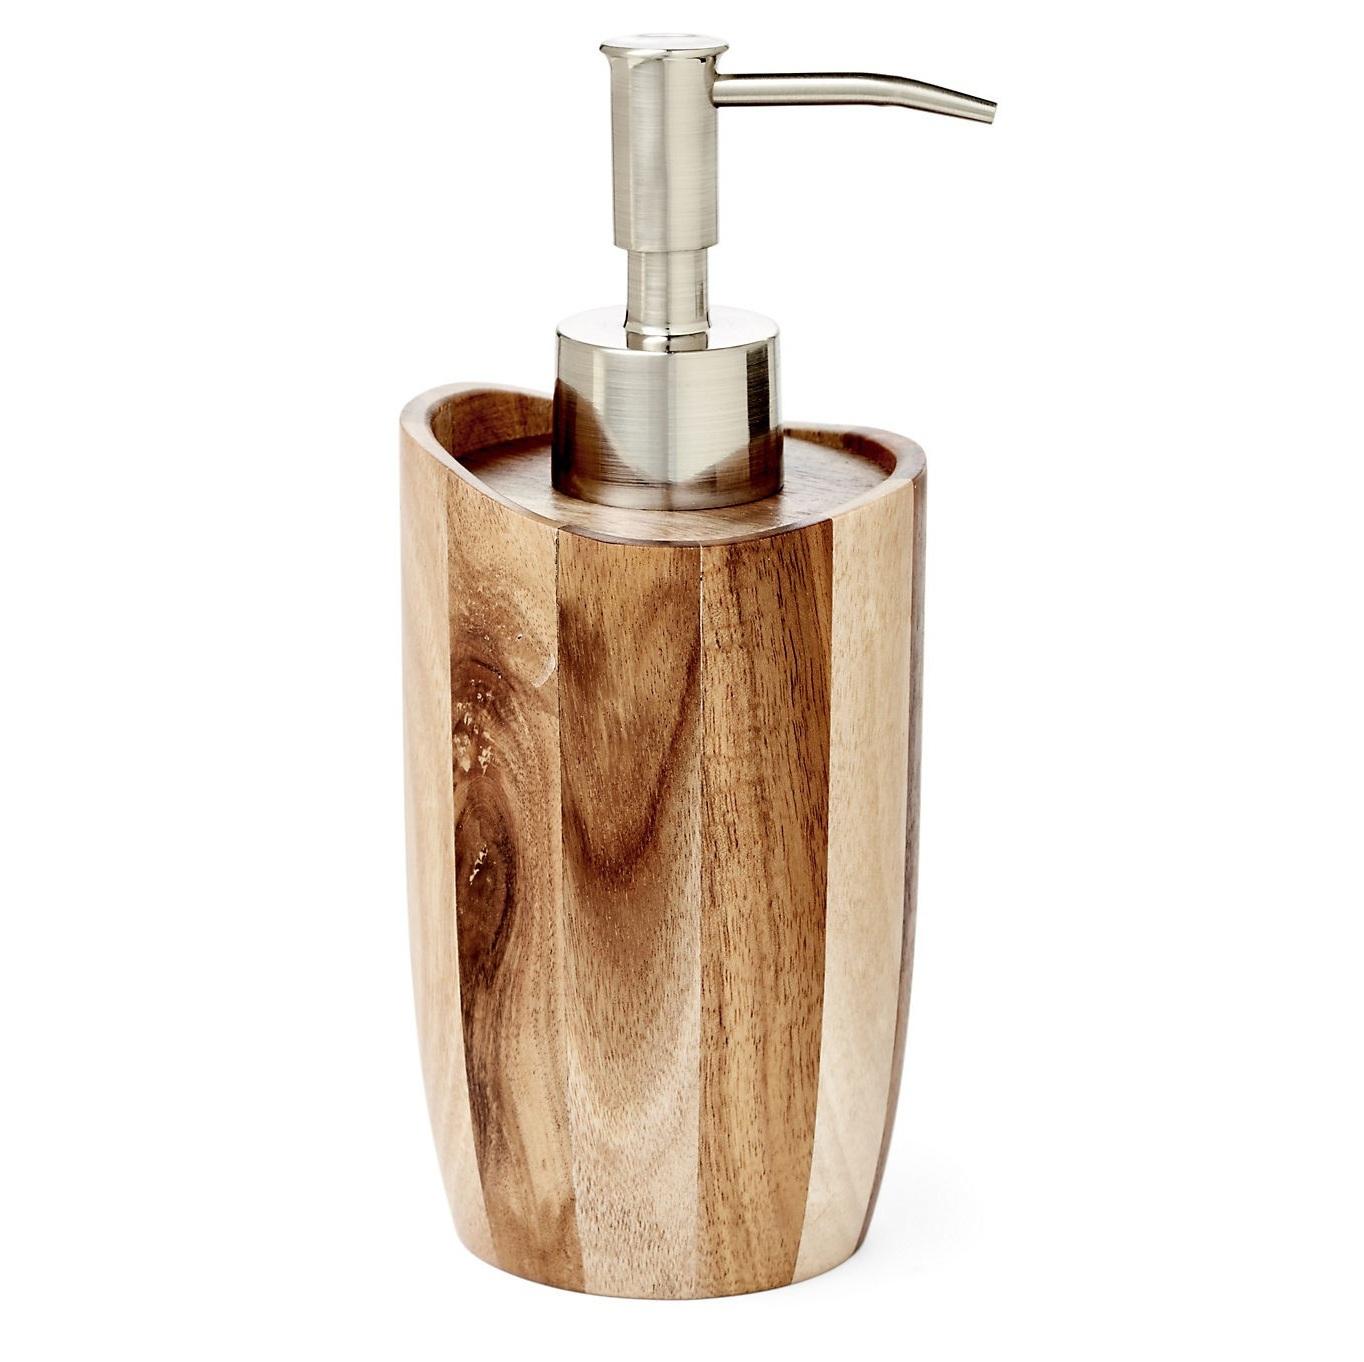 Дозаторы для мыла Дозатор для жидкого мыла Kassatex Acacia Wood dozator-dlya-zhidkogo-myla-acacia-wood-ot-kassatex-ssha-kitay.jpg